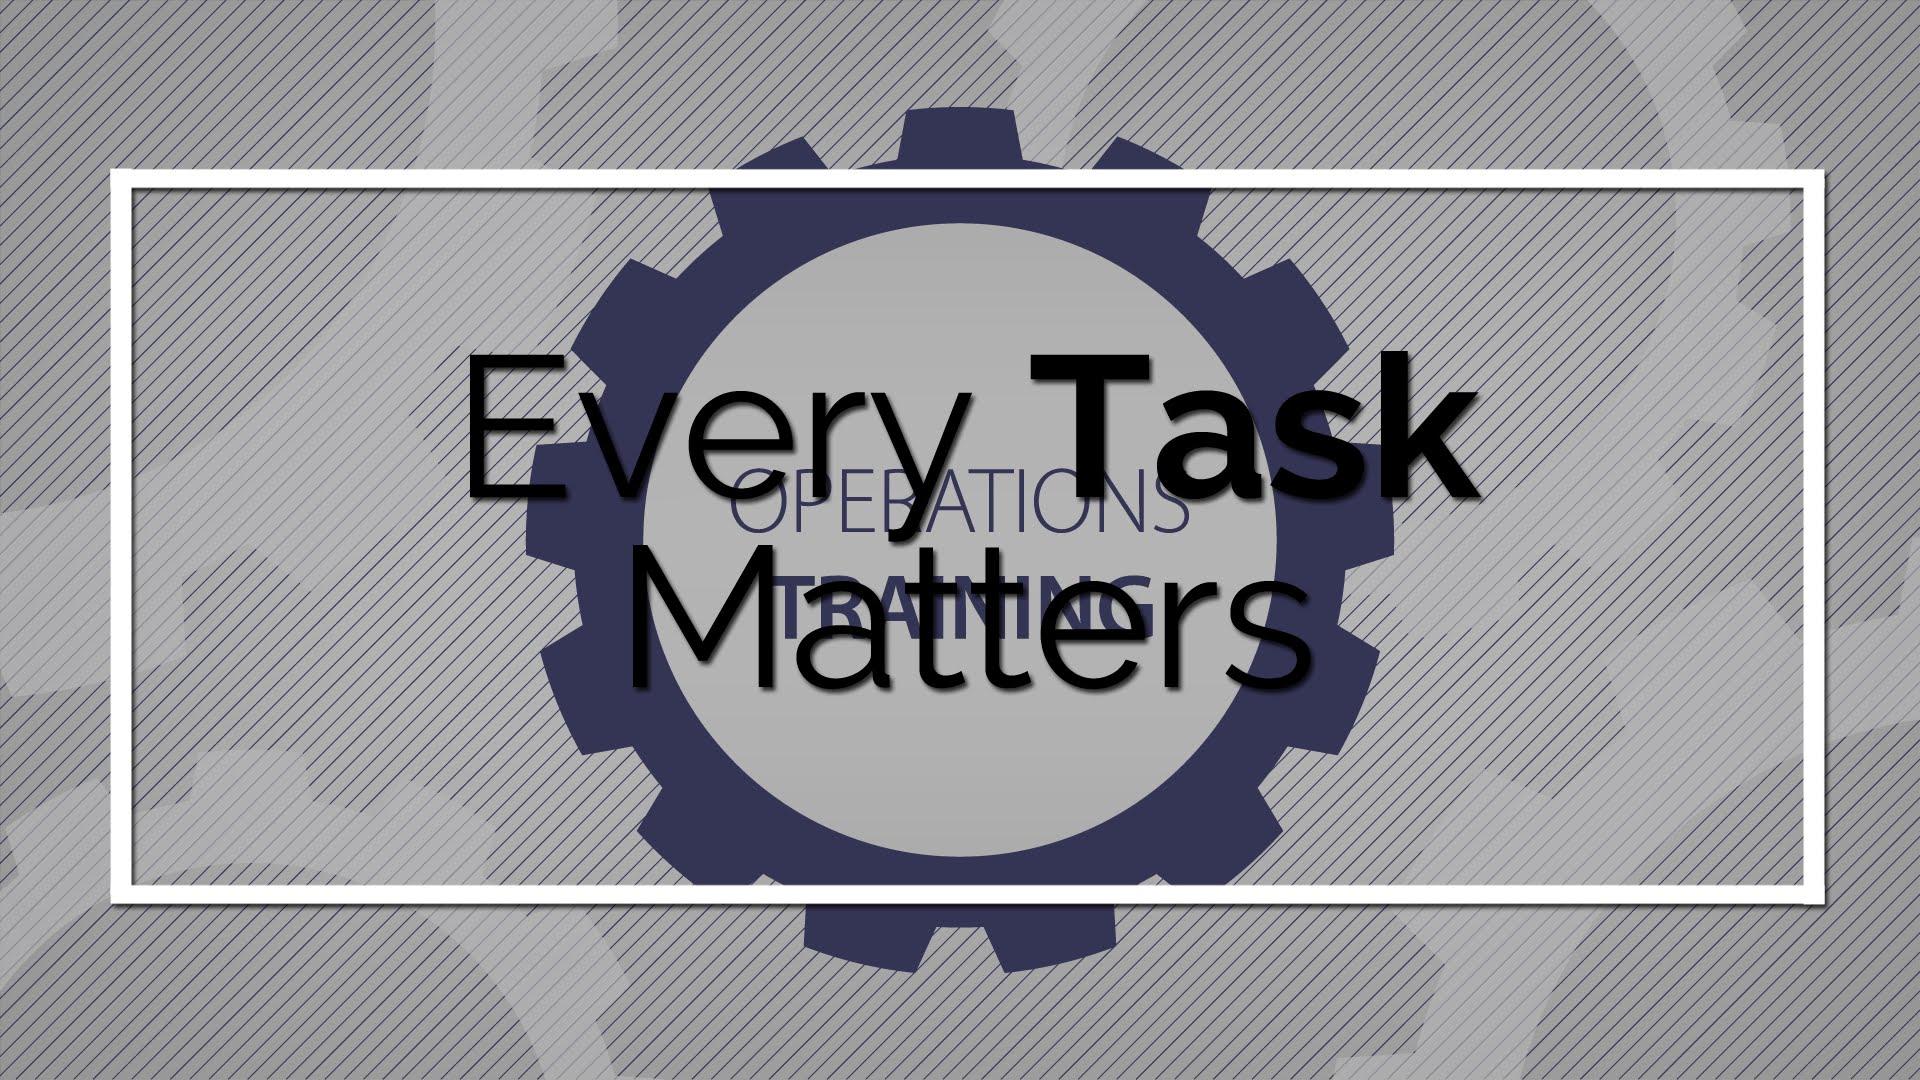 Entrenamiento de operaciones: cada tarea es importante